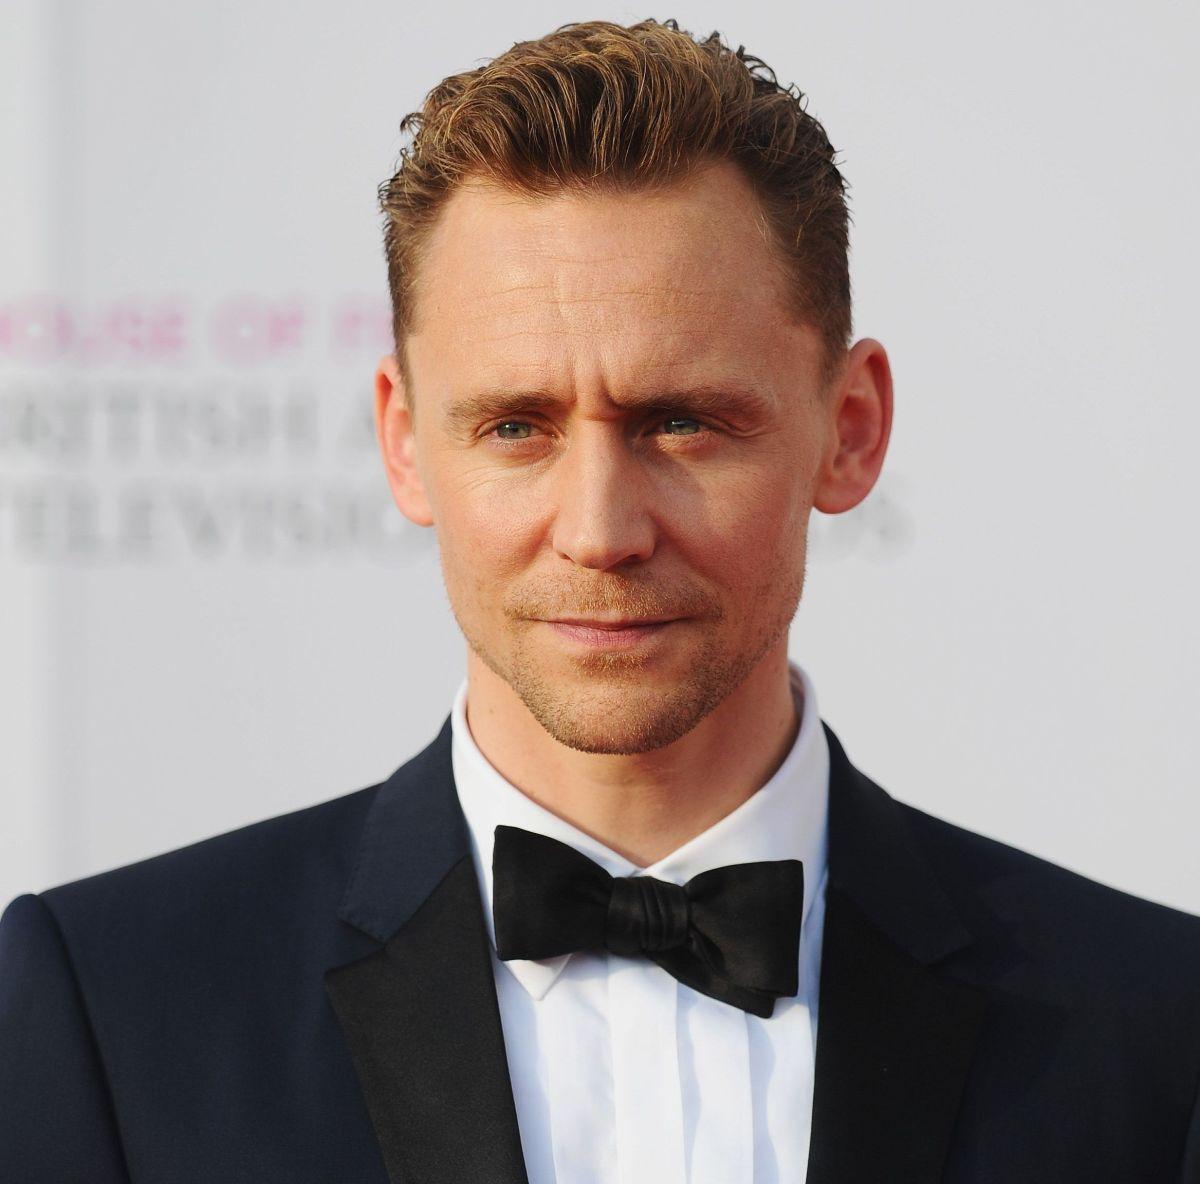 La vergonzosa audición de Tom Hiddleston para el papel de Thor ¡con todo y martillo!